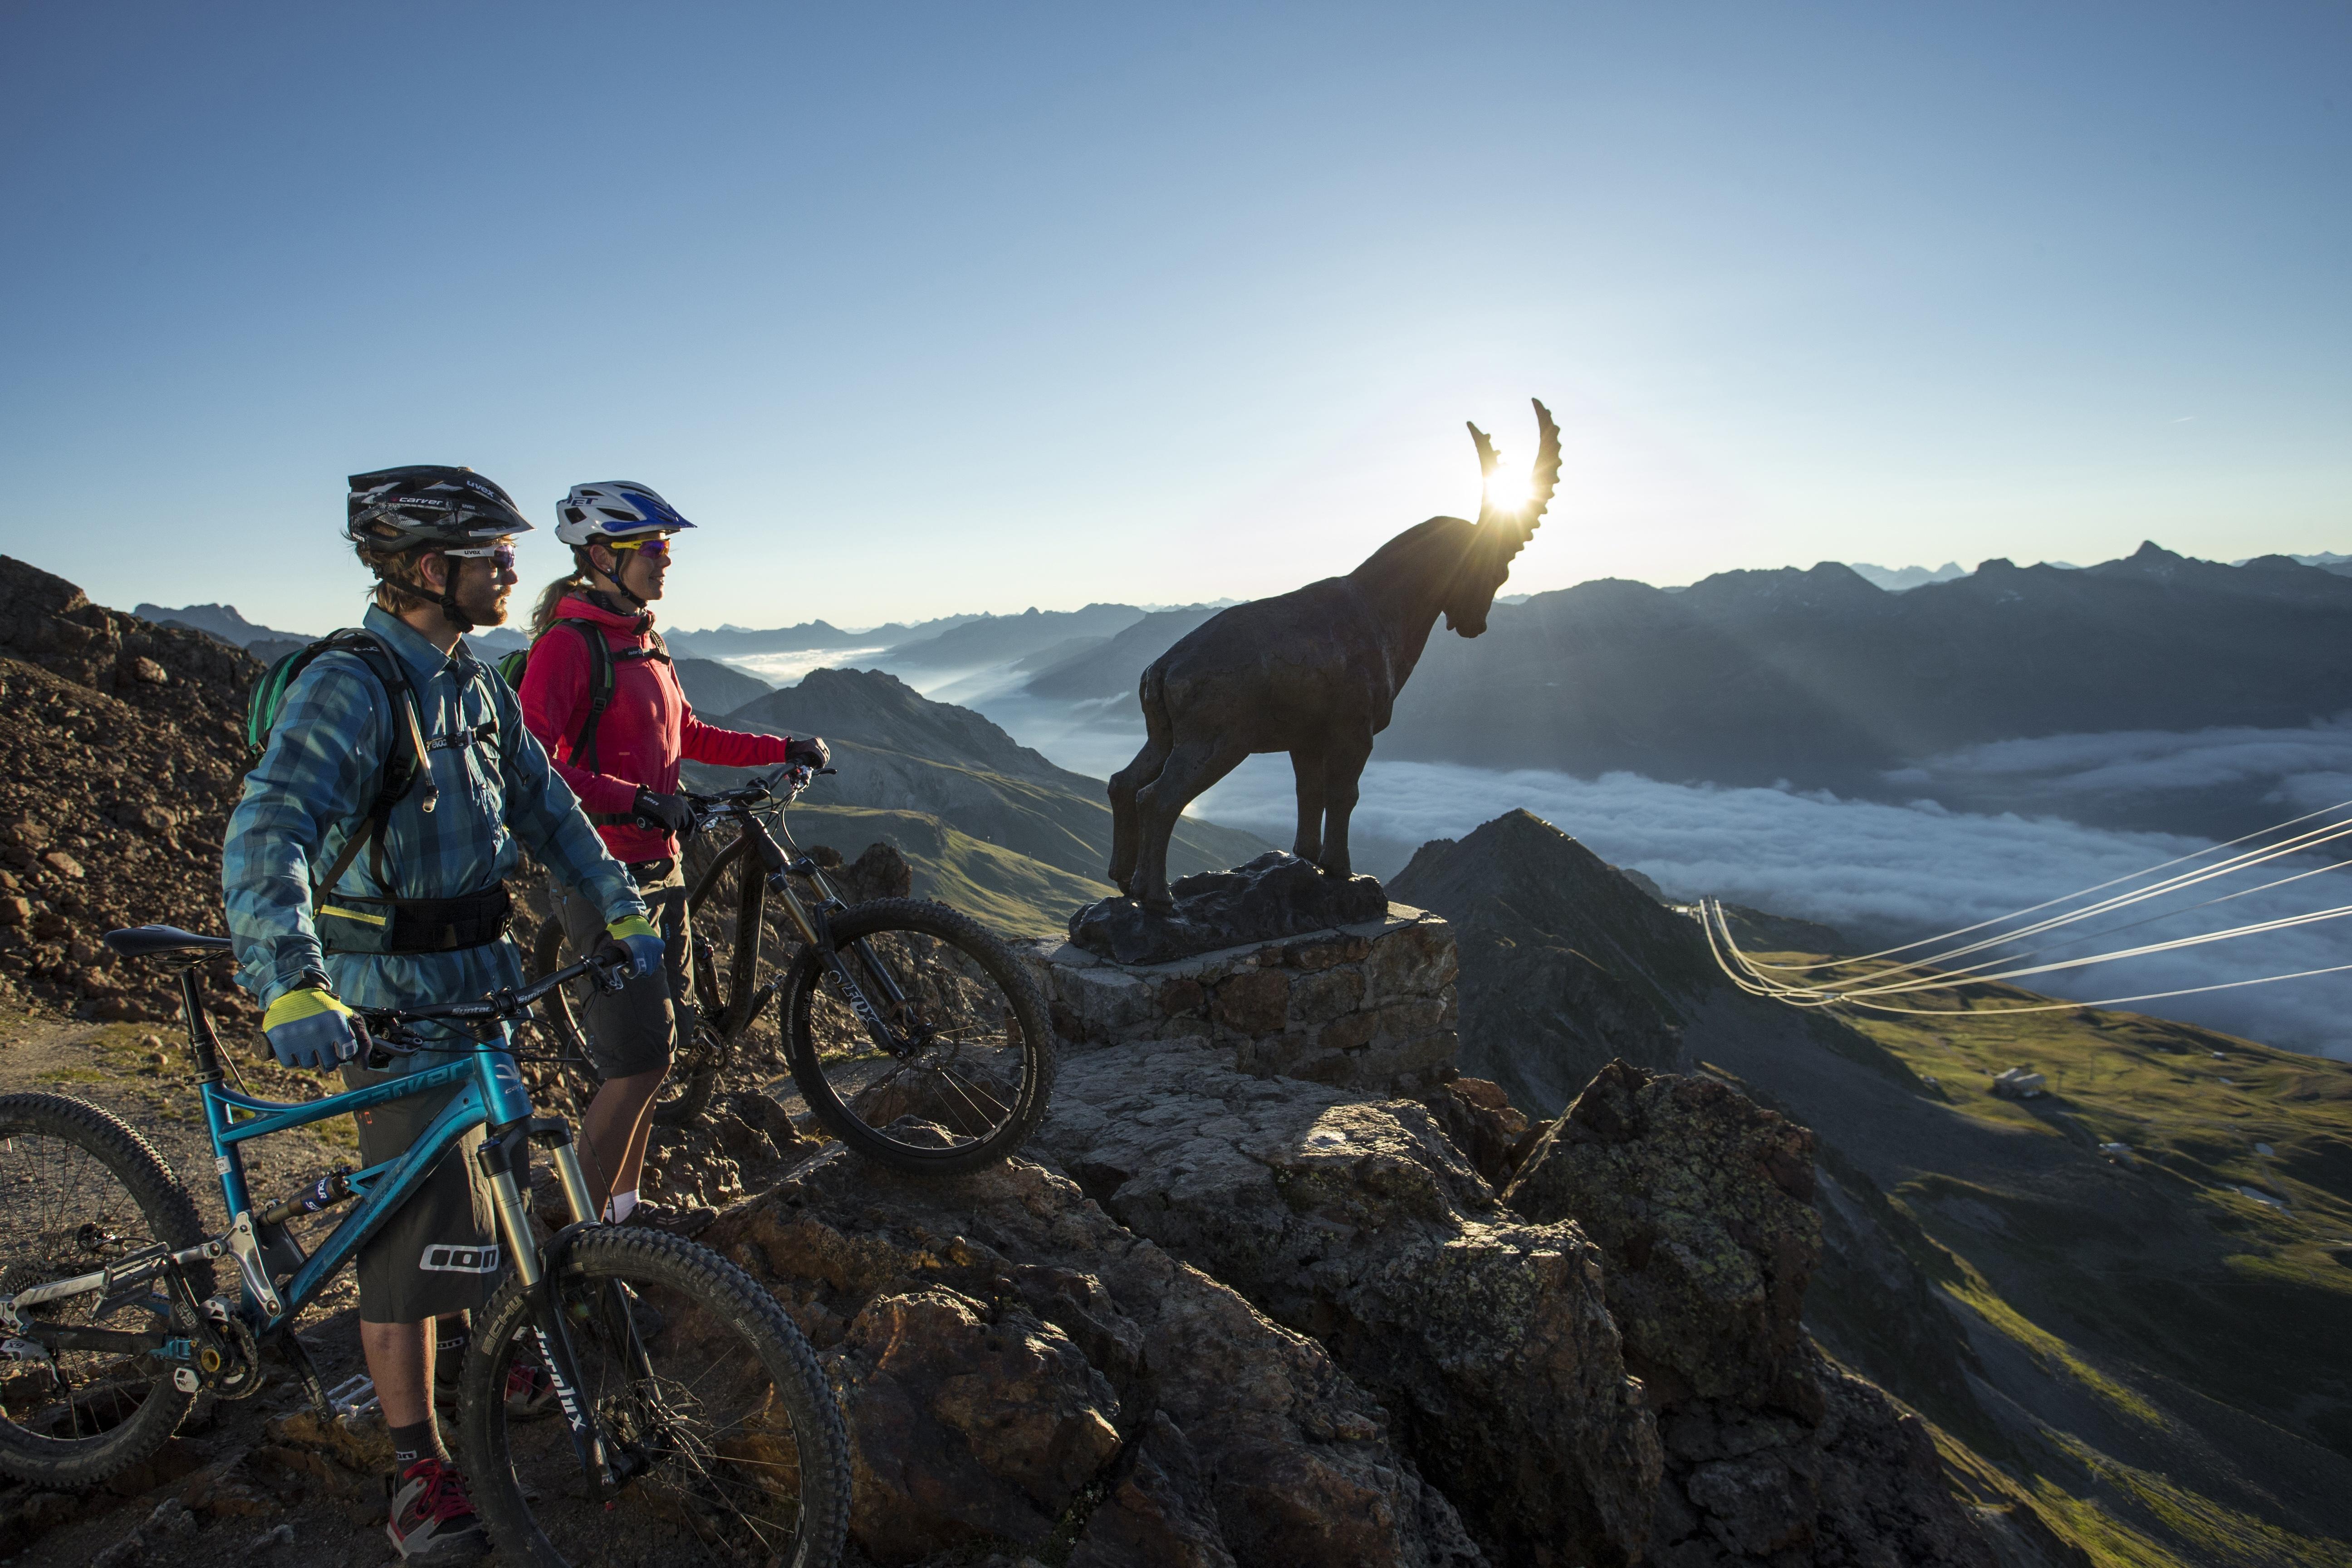 Mountainbike, © Engadin St. Moritz Tourismus AG, Markus Greber